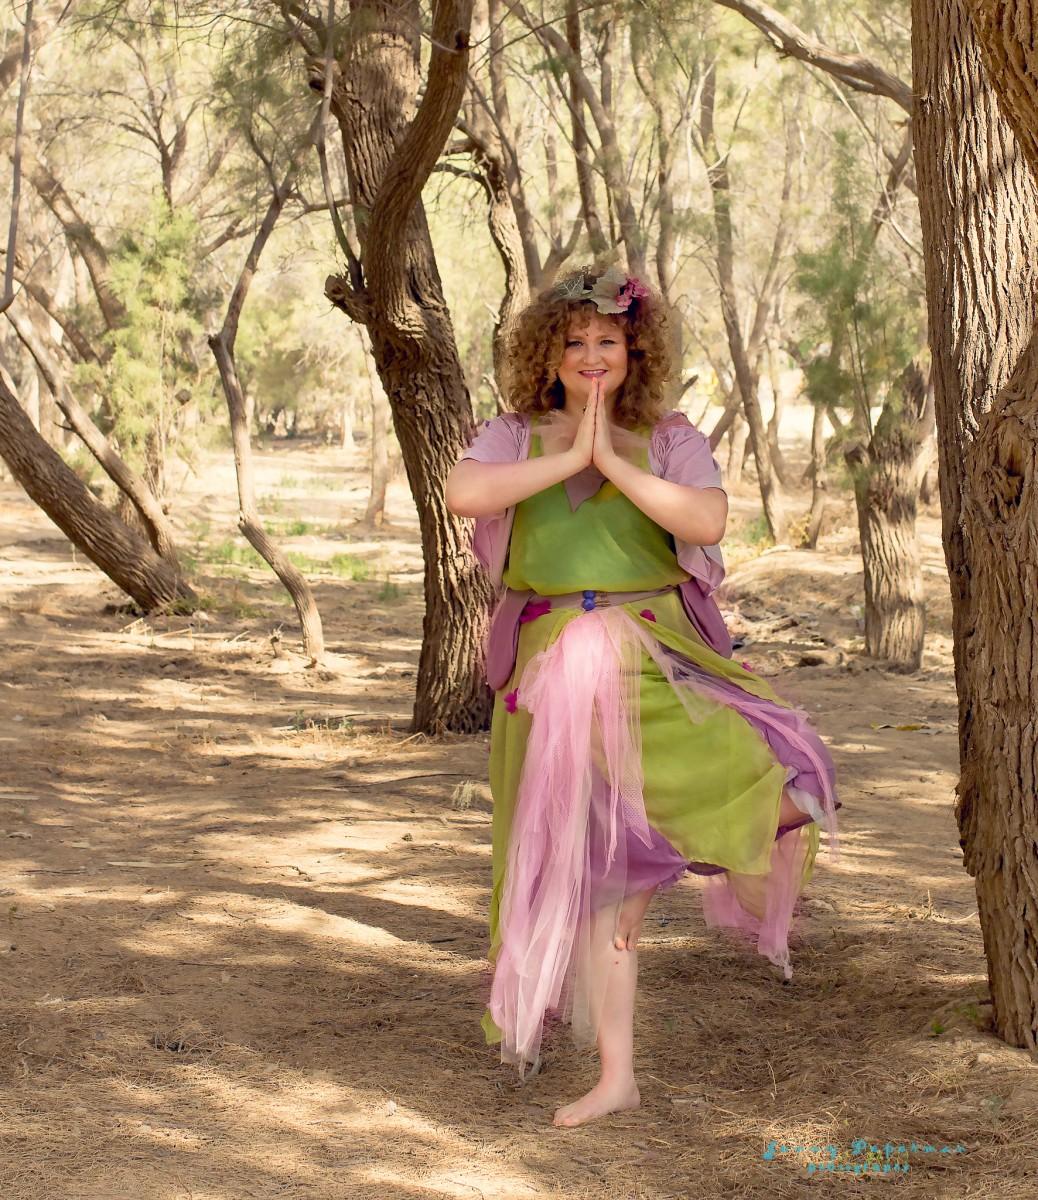 ג'ני פפרמן צלמת הריון, נשיות, בוק בת מצווה ותדמית IMG_0223-Edit שמח בלב- צילומי תדמית מיוחדים